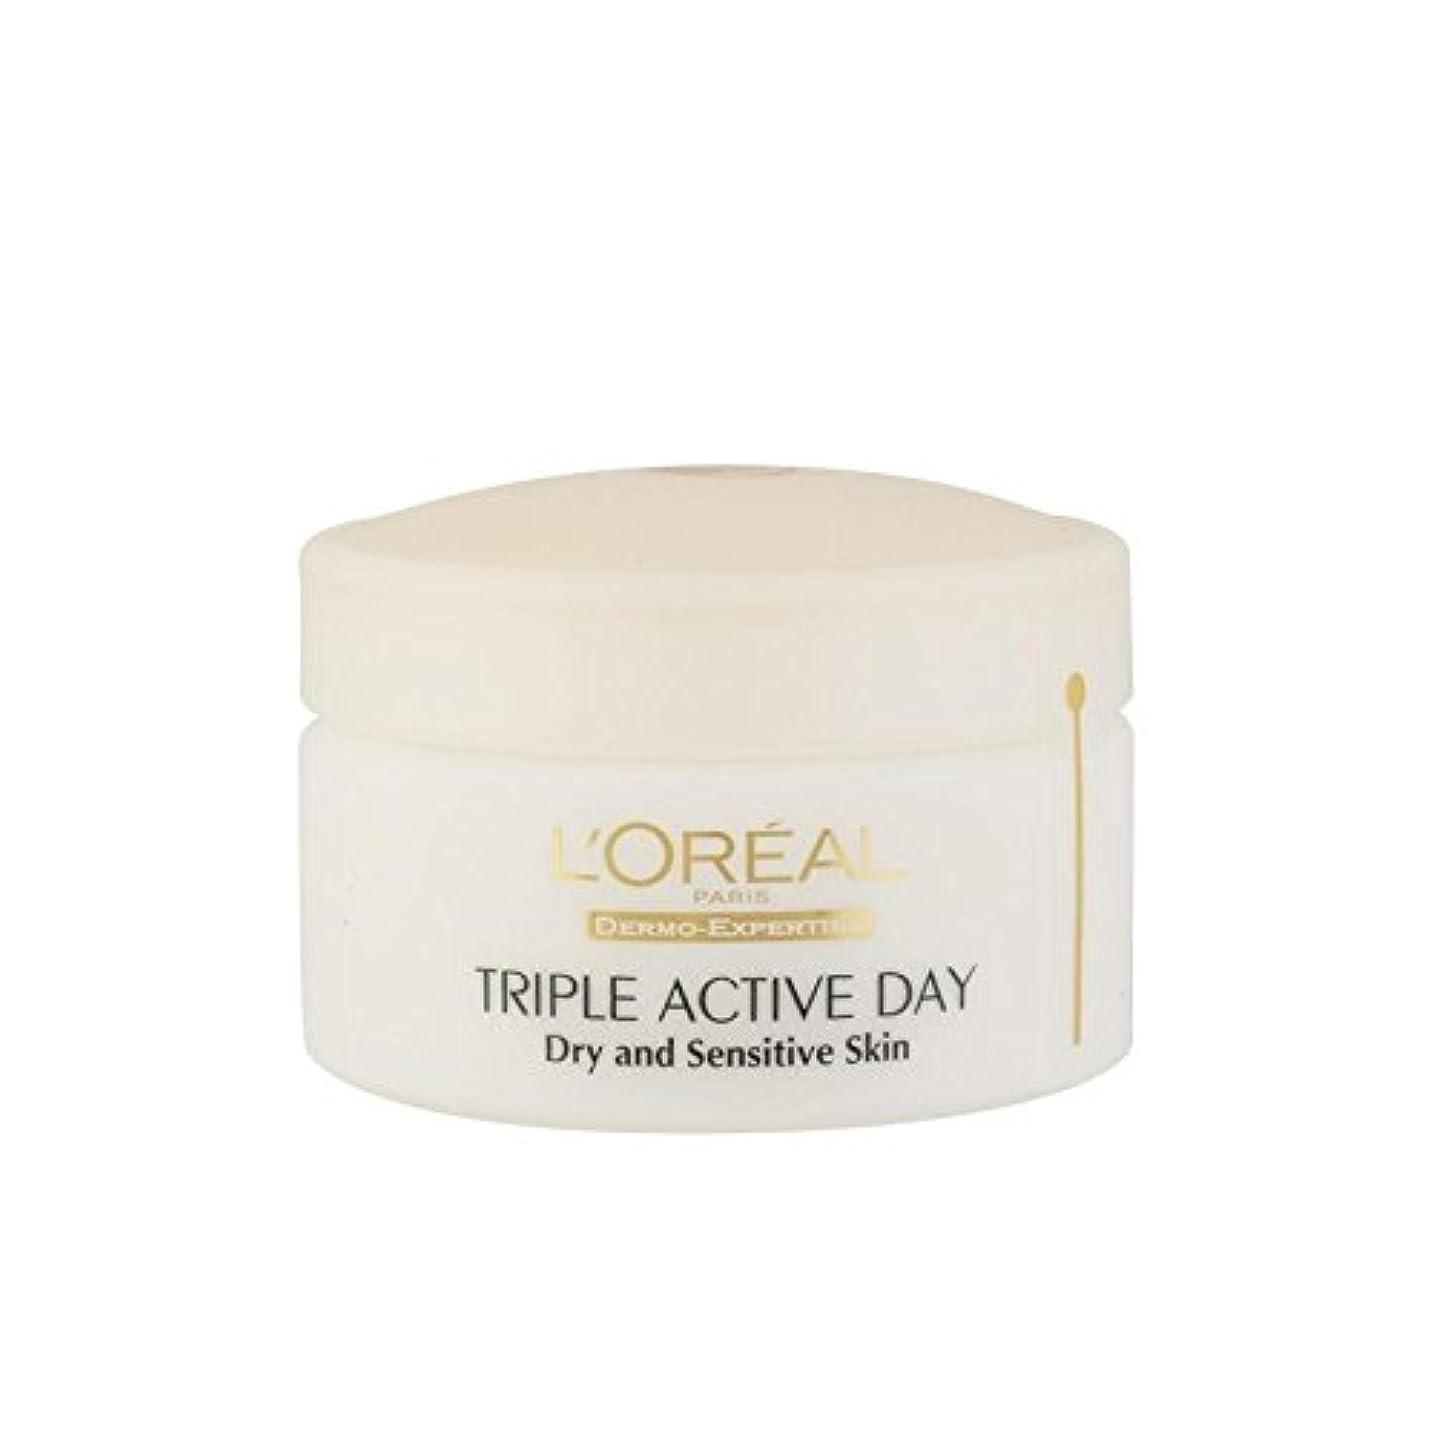 本会議シーサイド野球ロレアルパリ、真皮の専門知識トリプルアクティブな一日のマルチ保護保湿 - ドライ/敏感肌(50ミリリットル) x2 - L'Oreal Paris Dermo Expertise Triple Active Day Multi-Protection Moisturiser - Dry/Sensitive Skin (50ml) (Pack of 2) [並行輸入品]